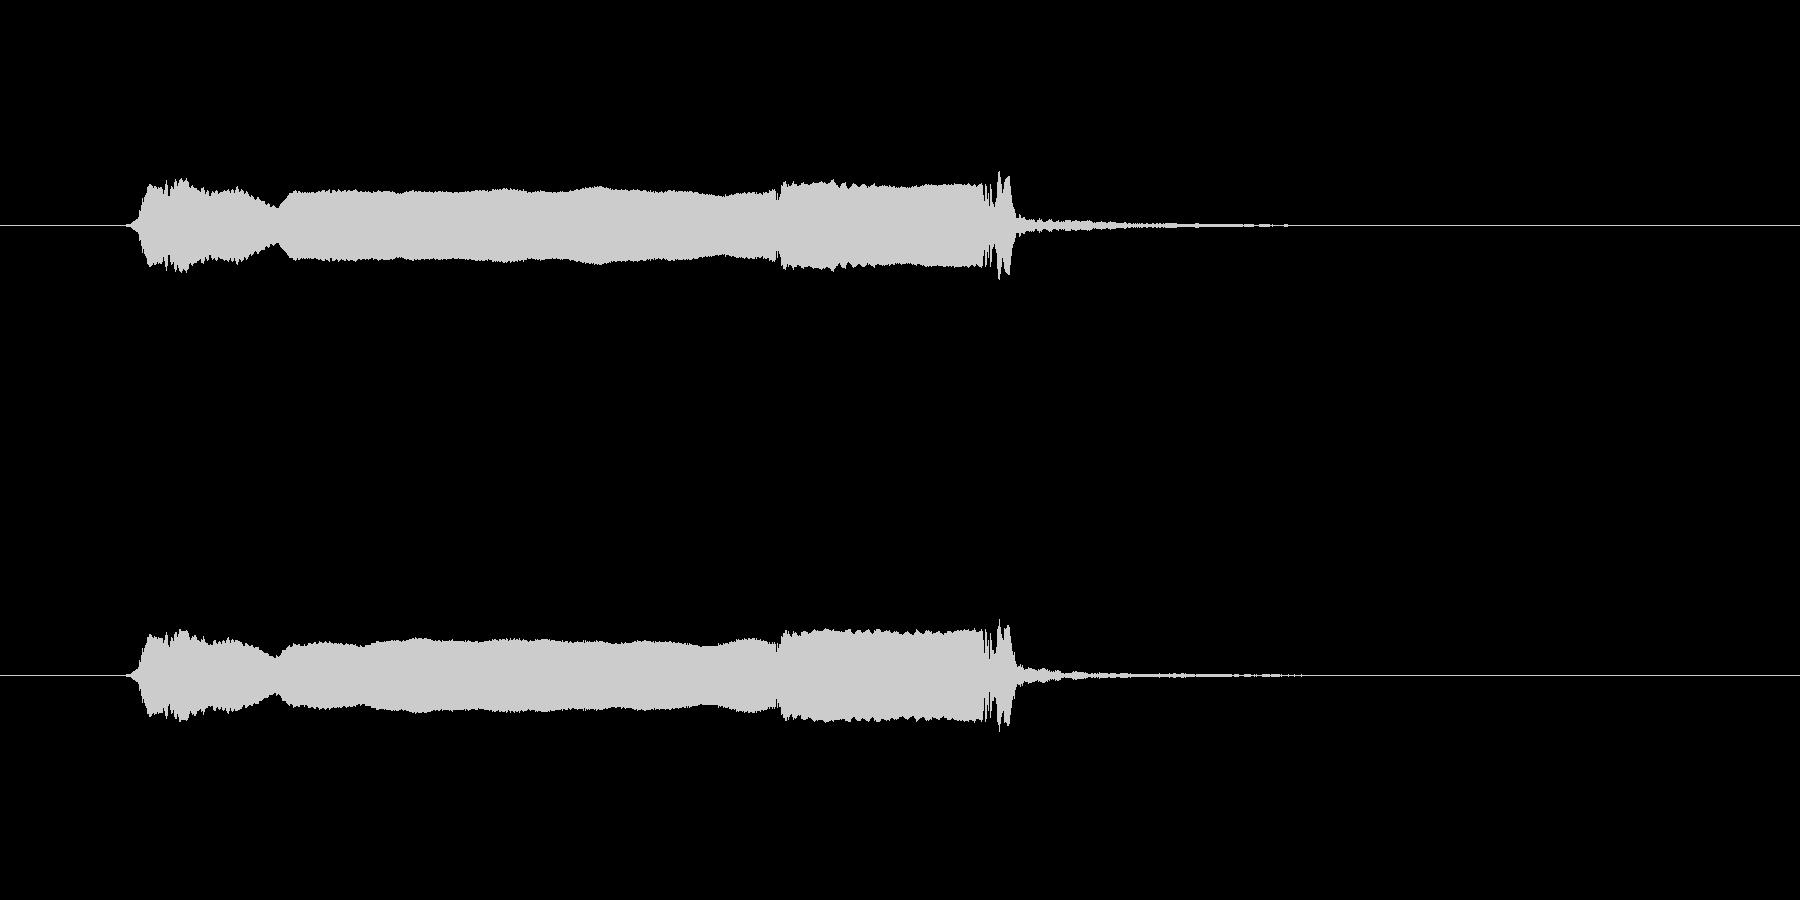 和風 篠笛生演奏のジングル01の未再生の波形